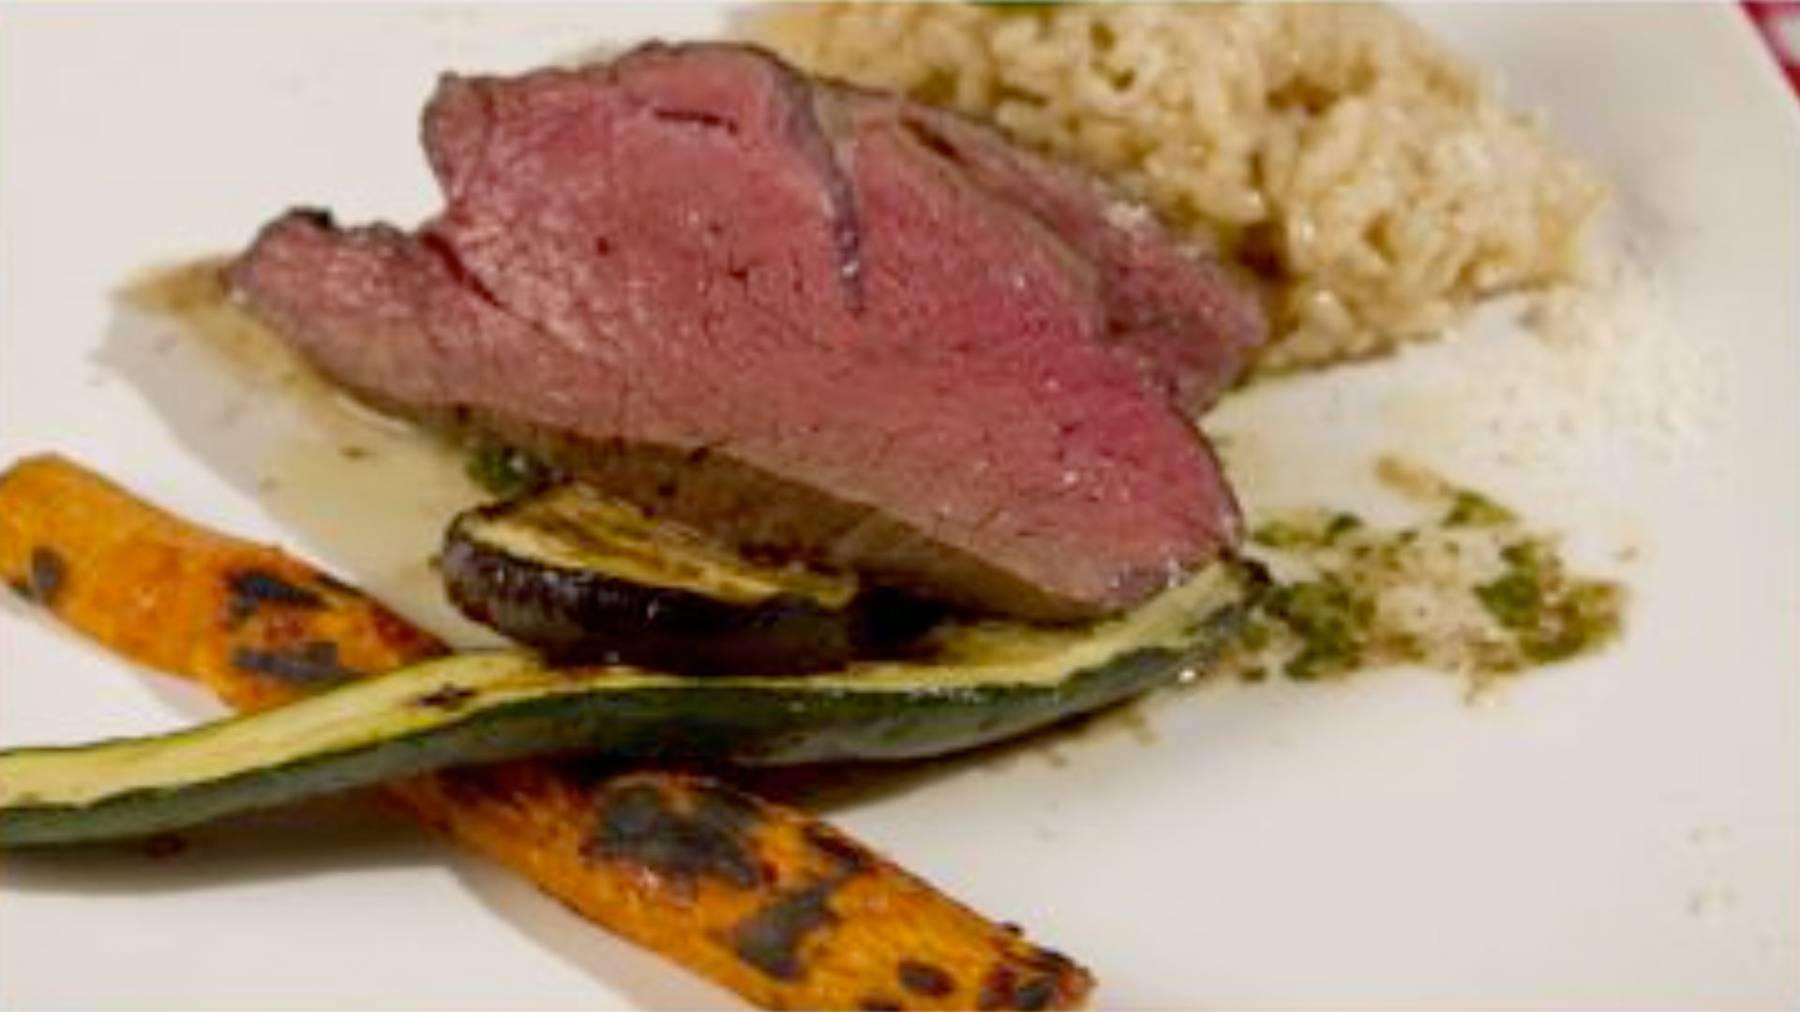 Niedergar-Rindsfilet auf Grillgemüse an Kräutervinaigrette mit Weissweinrisotto